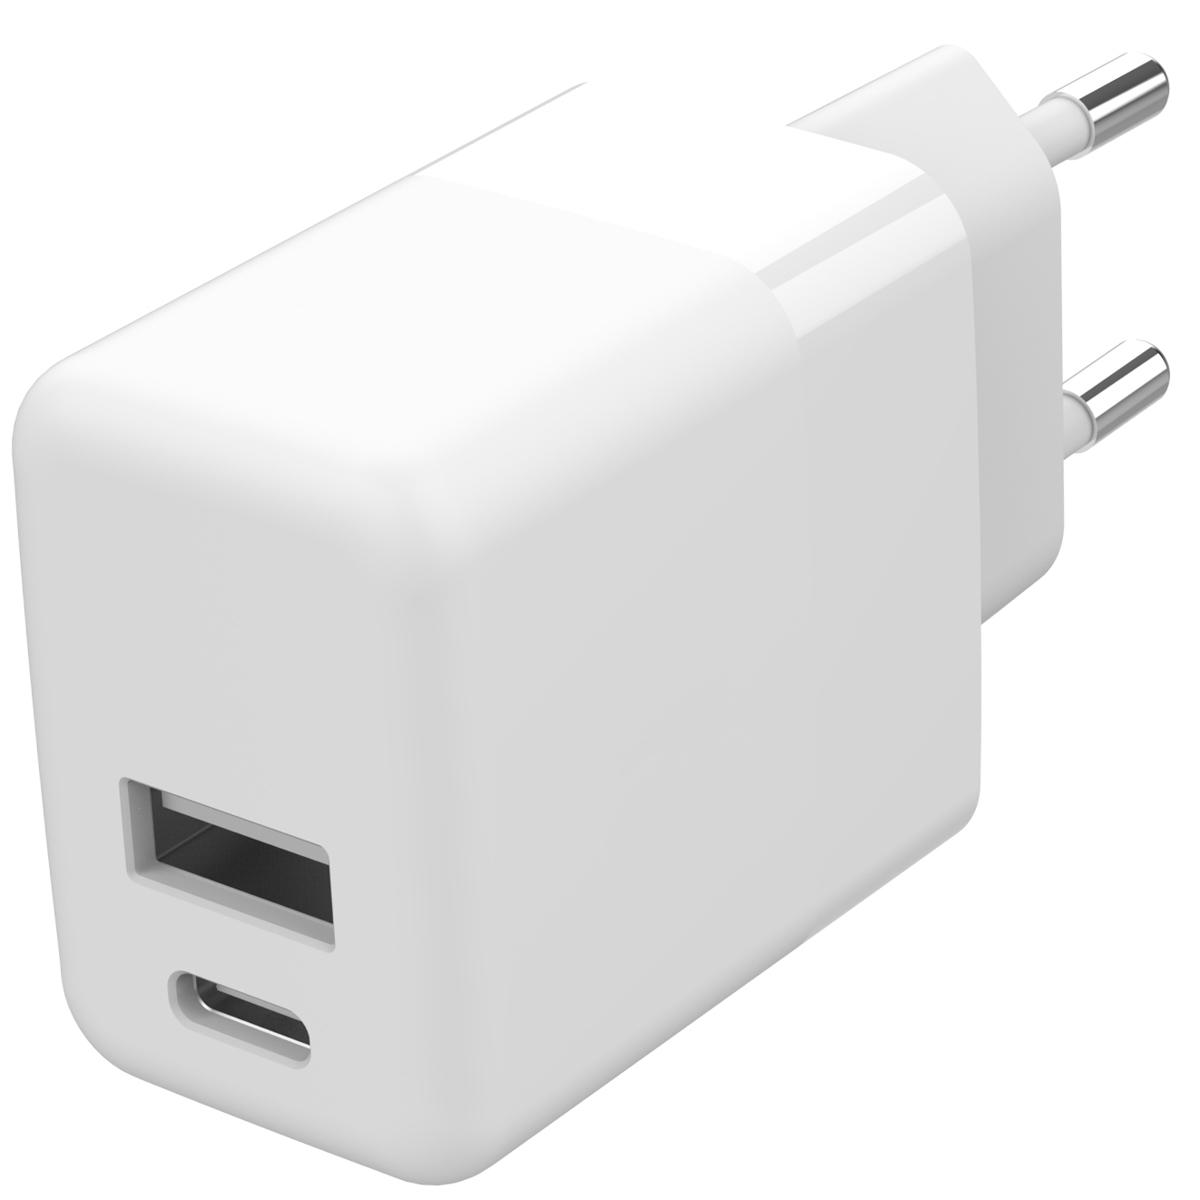 Accezz USB-C & USB-A-Wand-Ladegerät + Power Delivery - 20W - Weiß